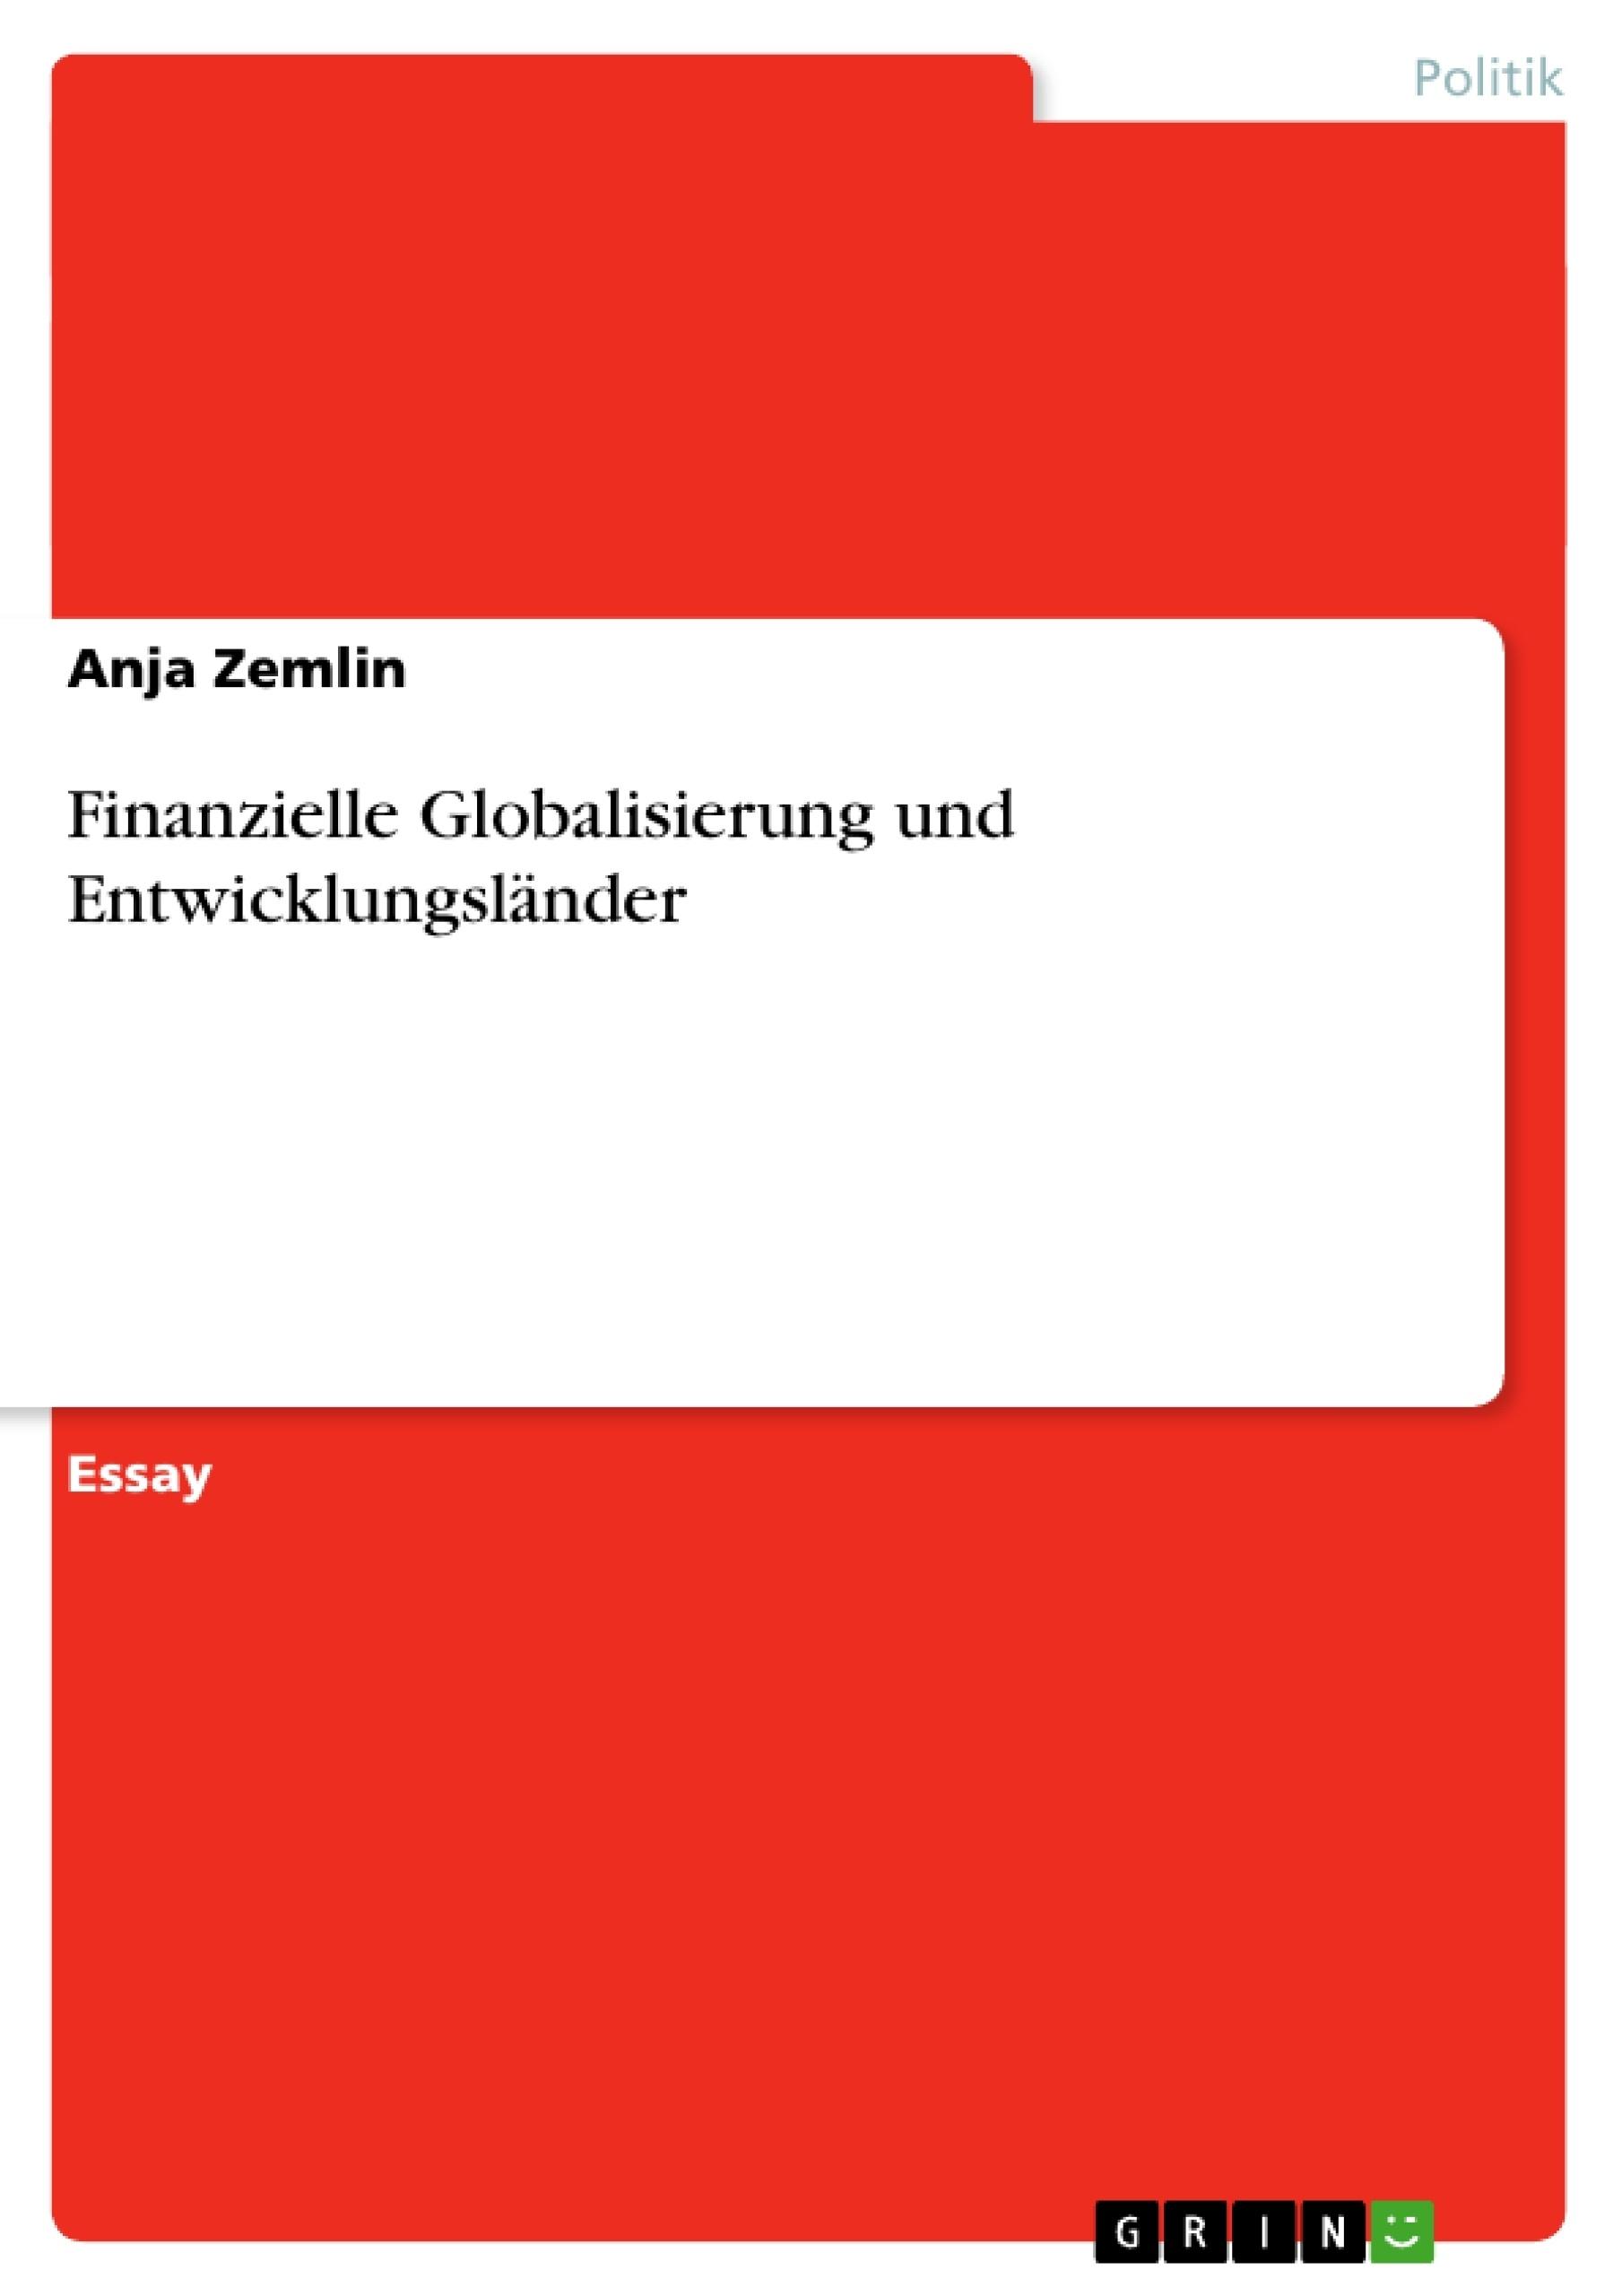 Titel: Finanzielle Globalisierung und Entwicklungsländer